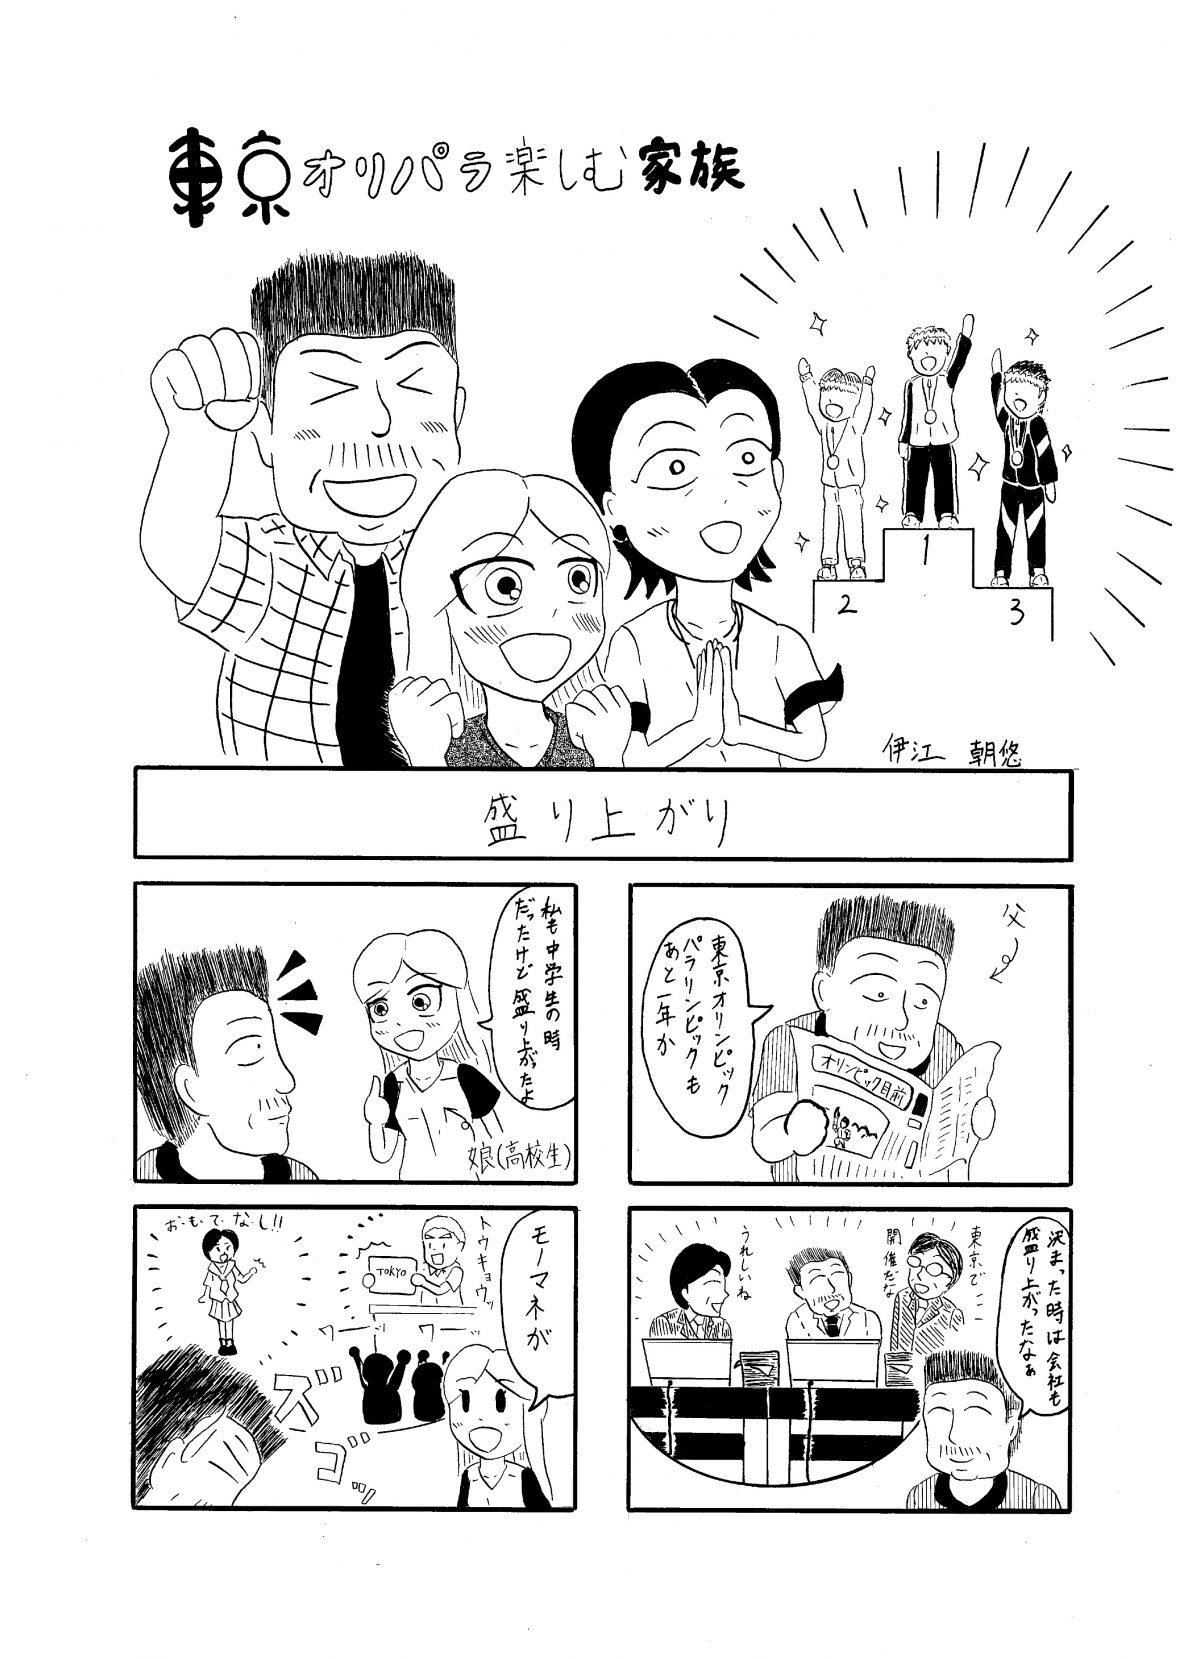 ヒューマンアカデミー那覇校 特別課題「東京オリパラを楽しむ家族」